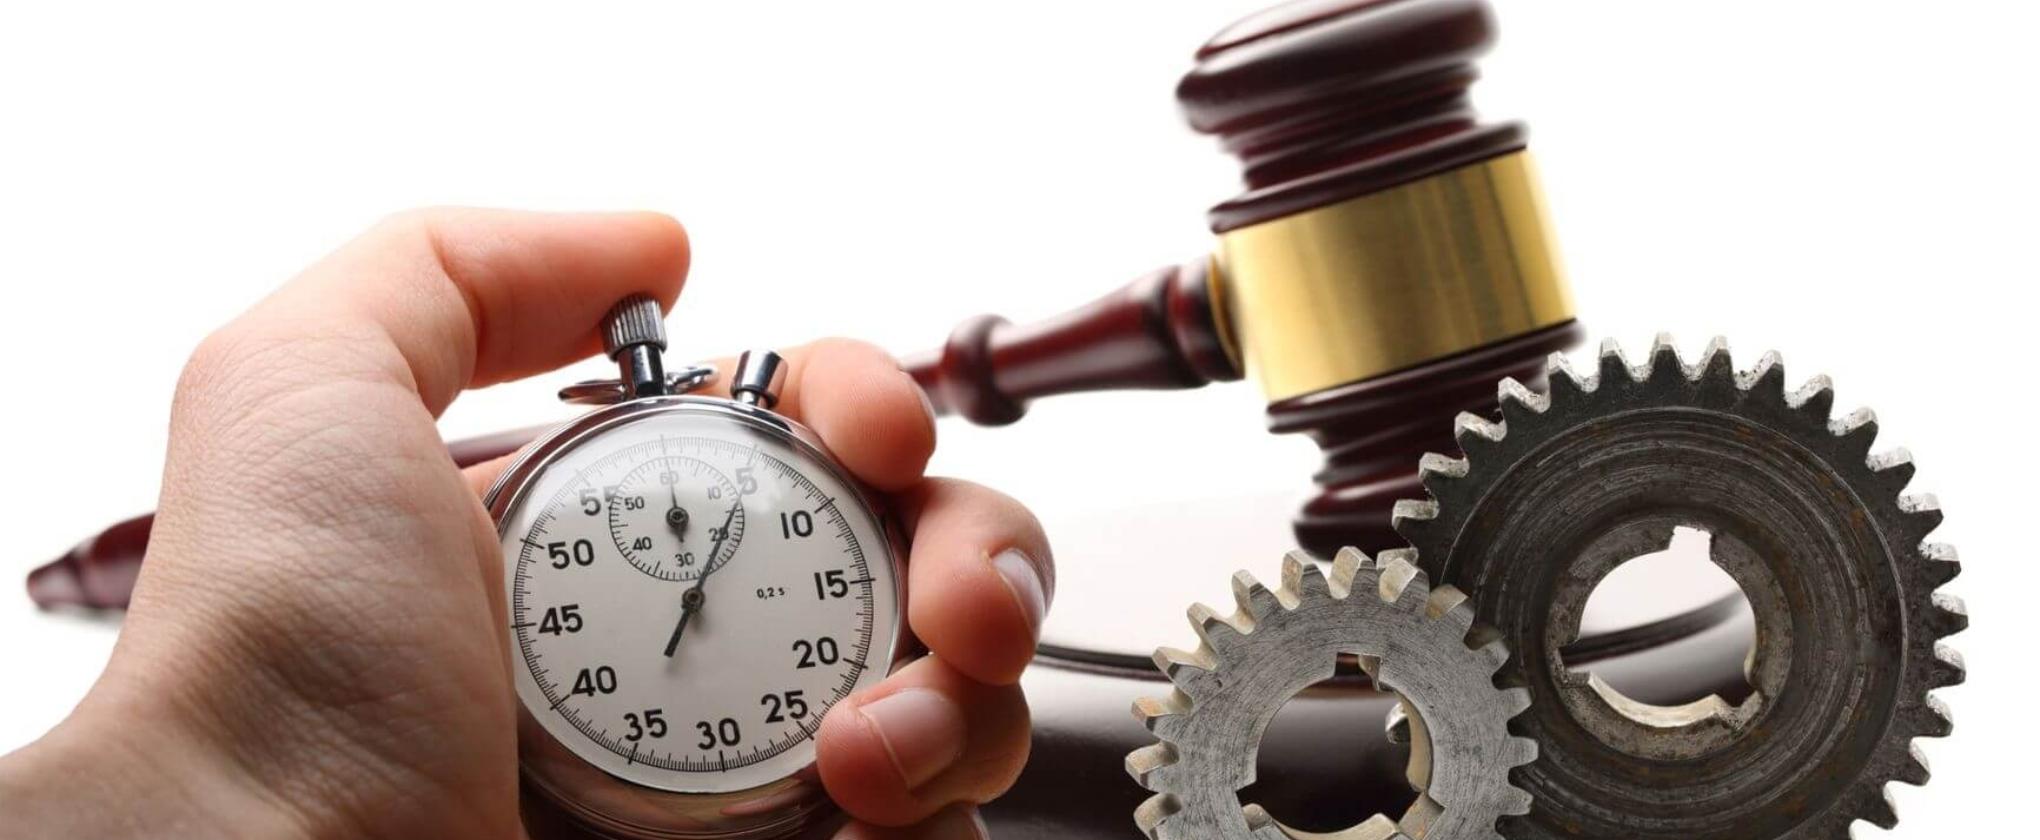 The Employment Tribunal Timeline